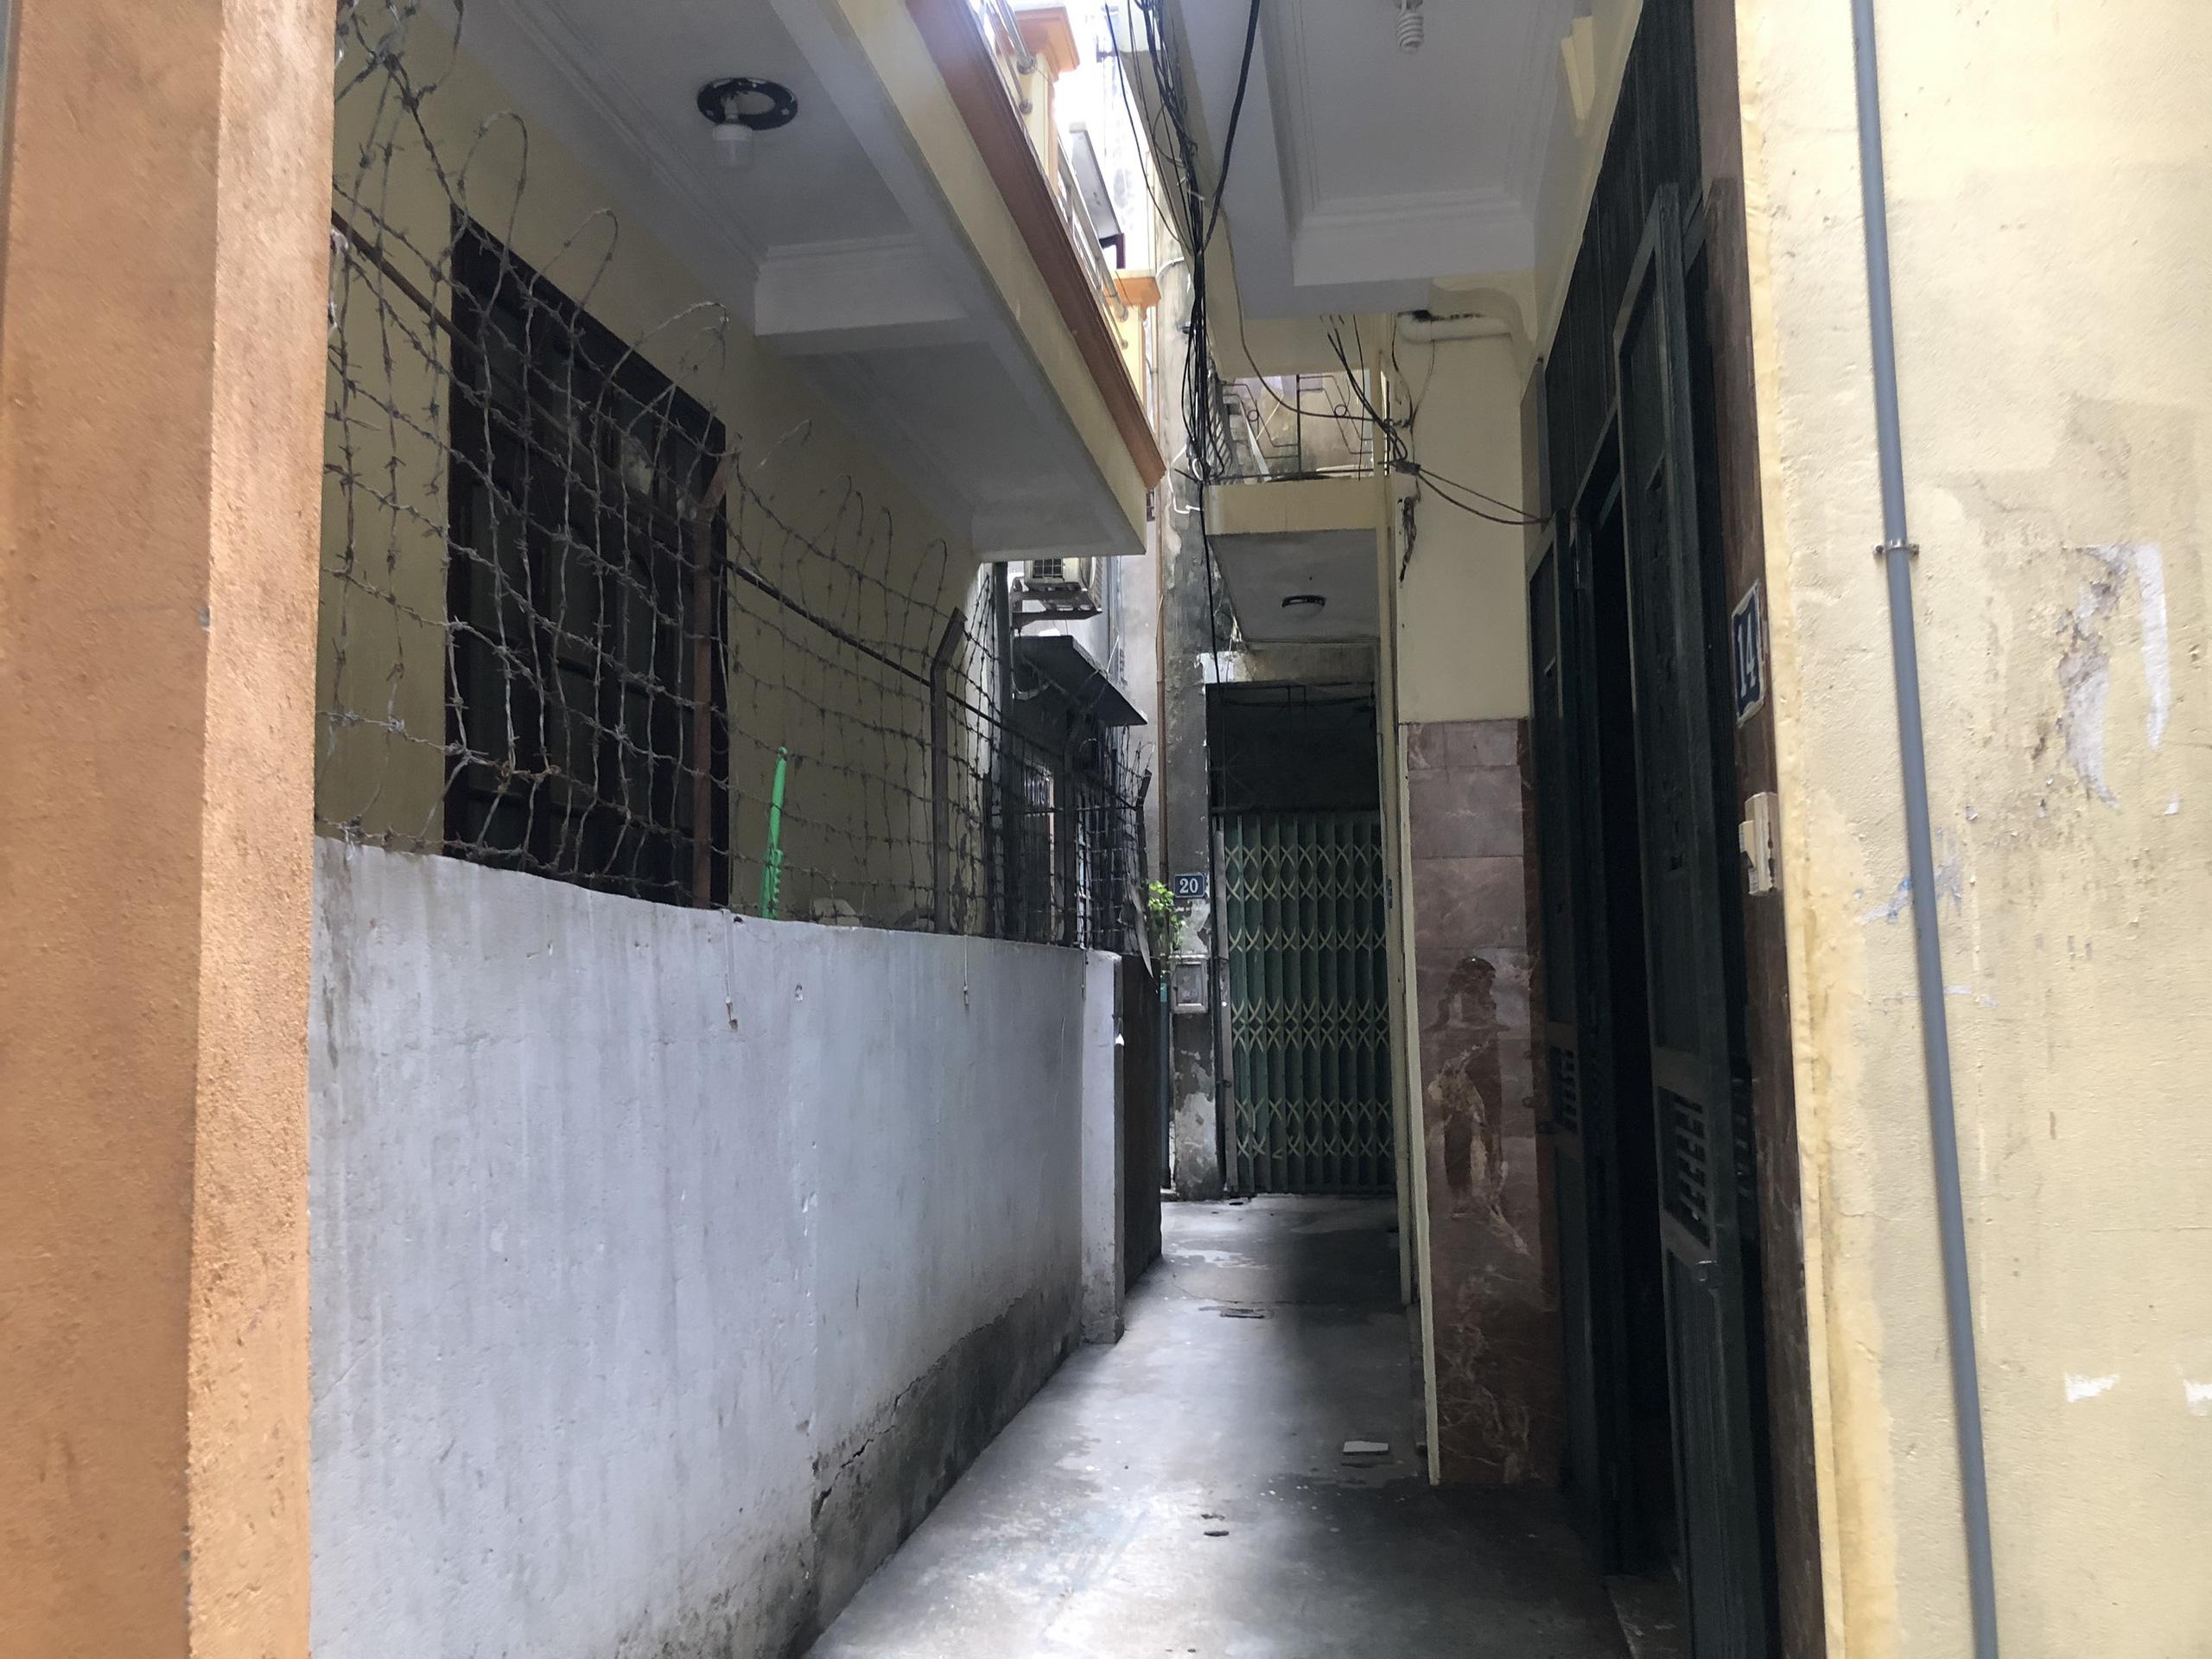 Những khu đất sắp thu hồi ở phường Kim Mã, Ba Đình (phần 3): Đường nối từ Núi Trúc đến Kim Mã và Giang Văn Minh - Ảnh 4.